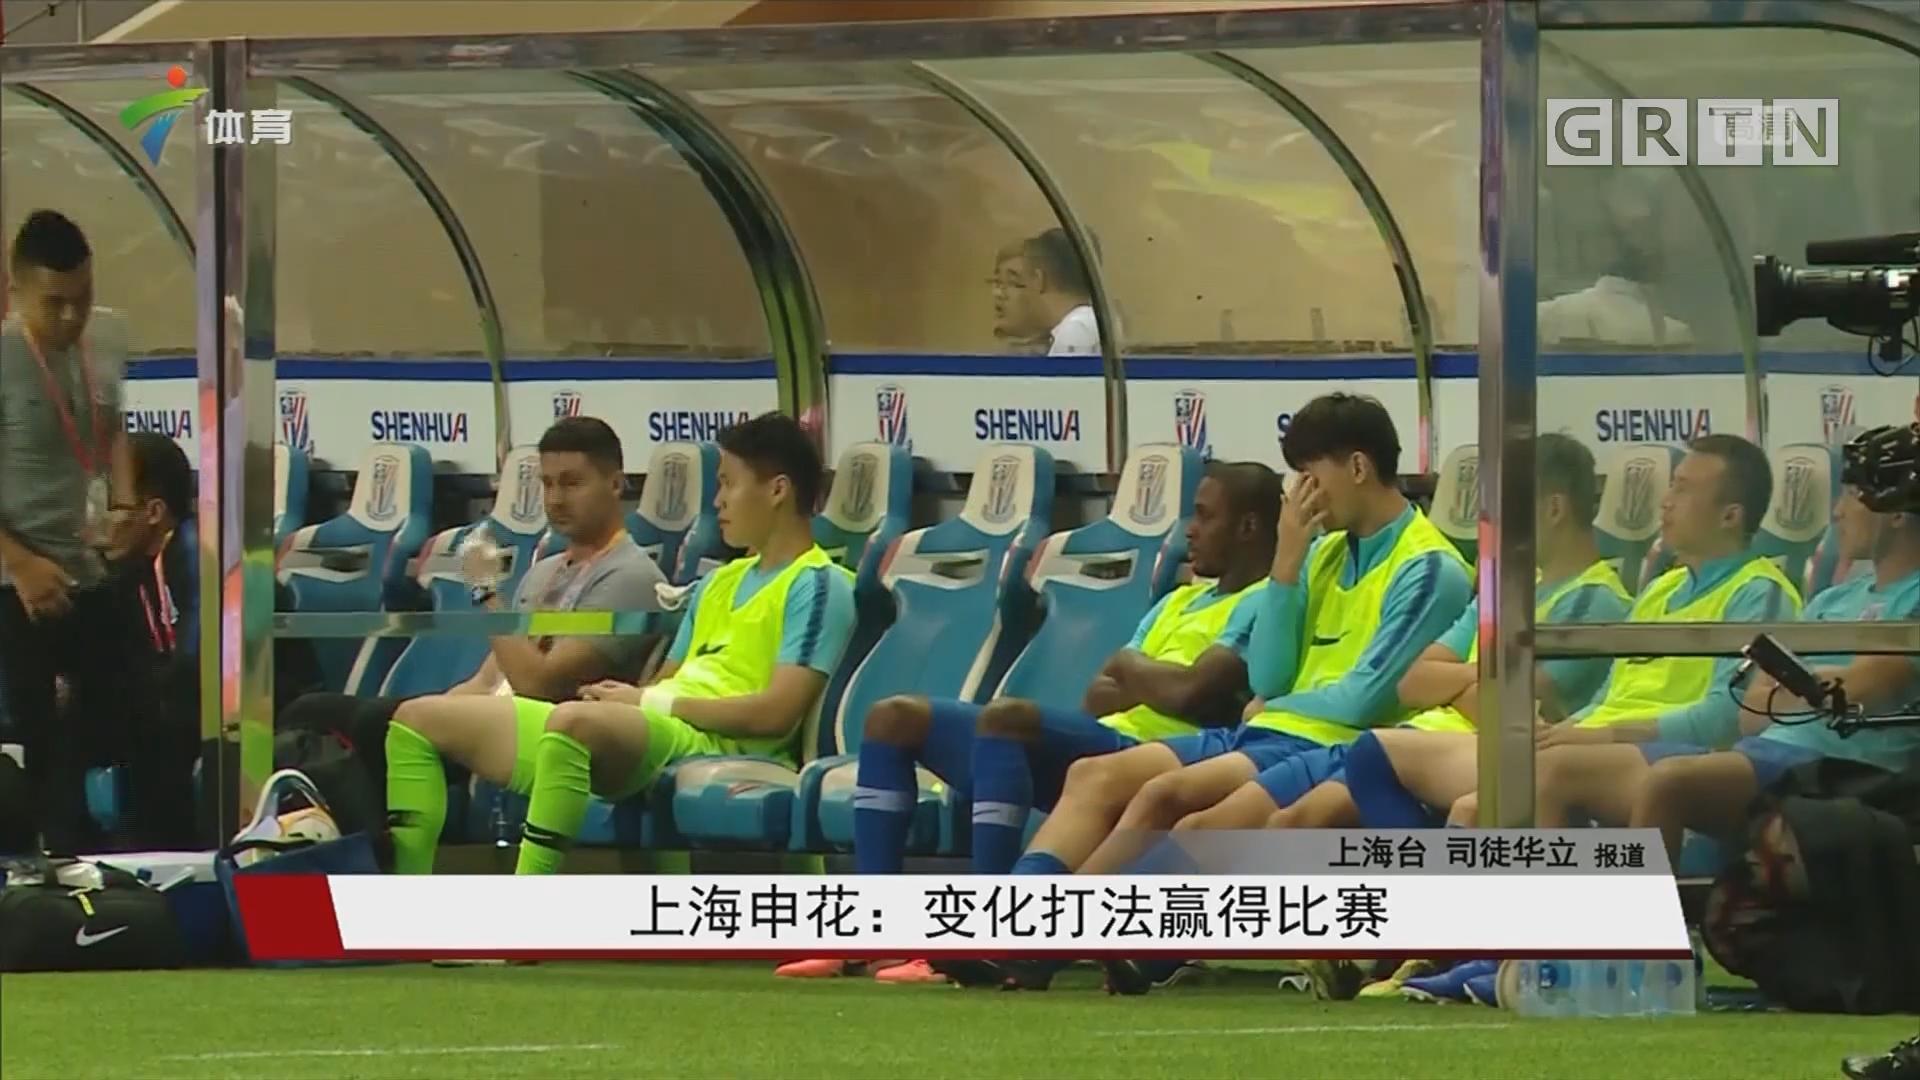 上海申花:变化打法赢得比赛